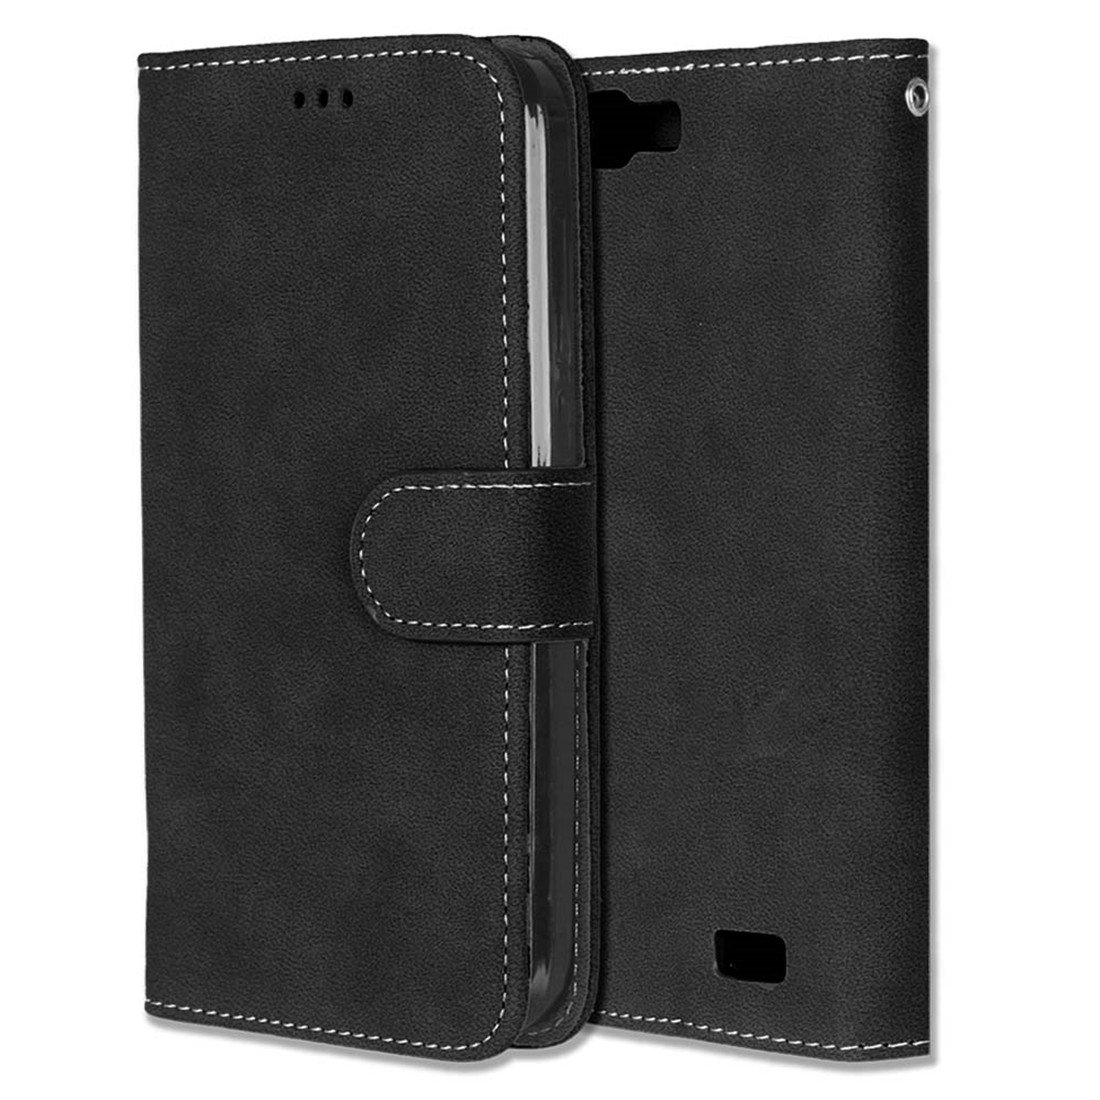 Chreey Matt Leder Tasche Retro Handyh/ülle Magnet Flip Case mit Kartenfach Geldb/örse Schutzh/ülle Etui Huawei Ascend G7 H/ülle Lila